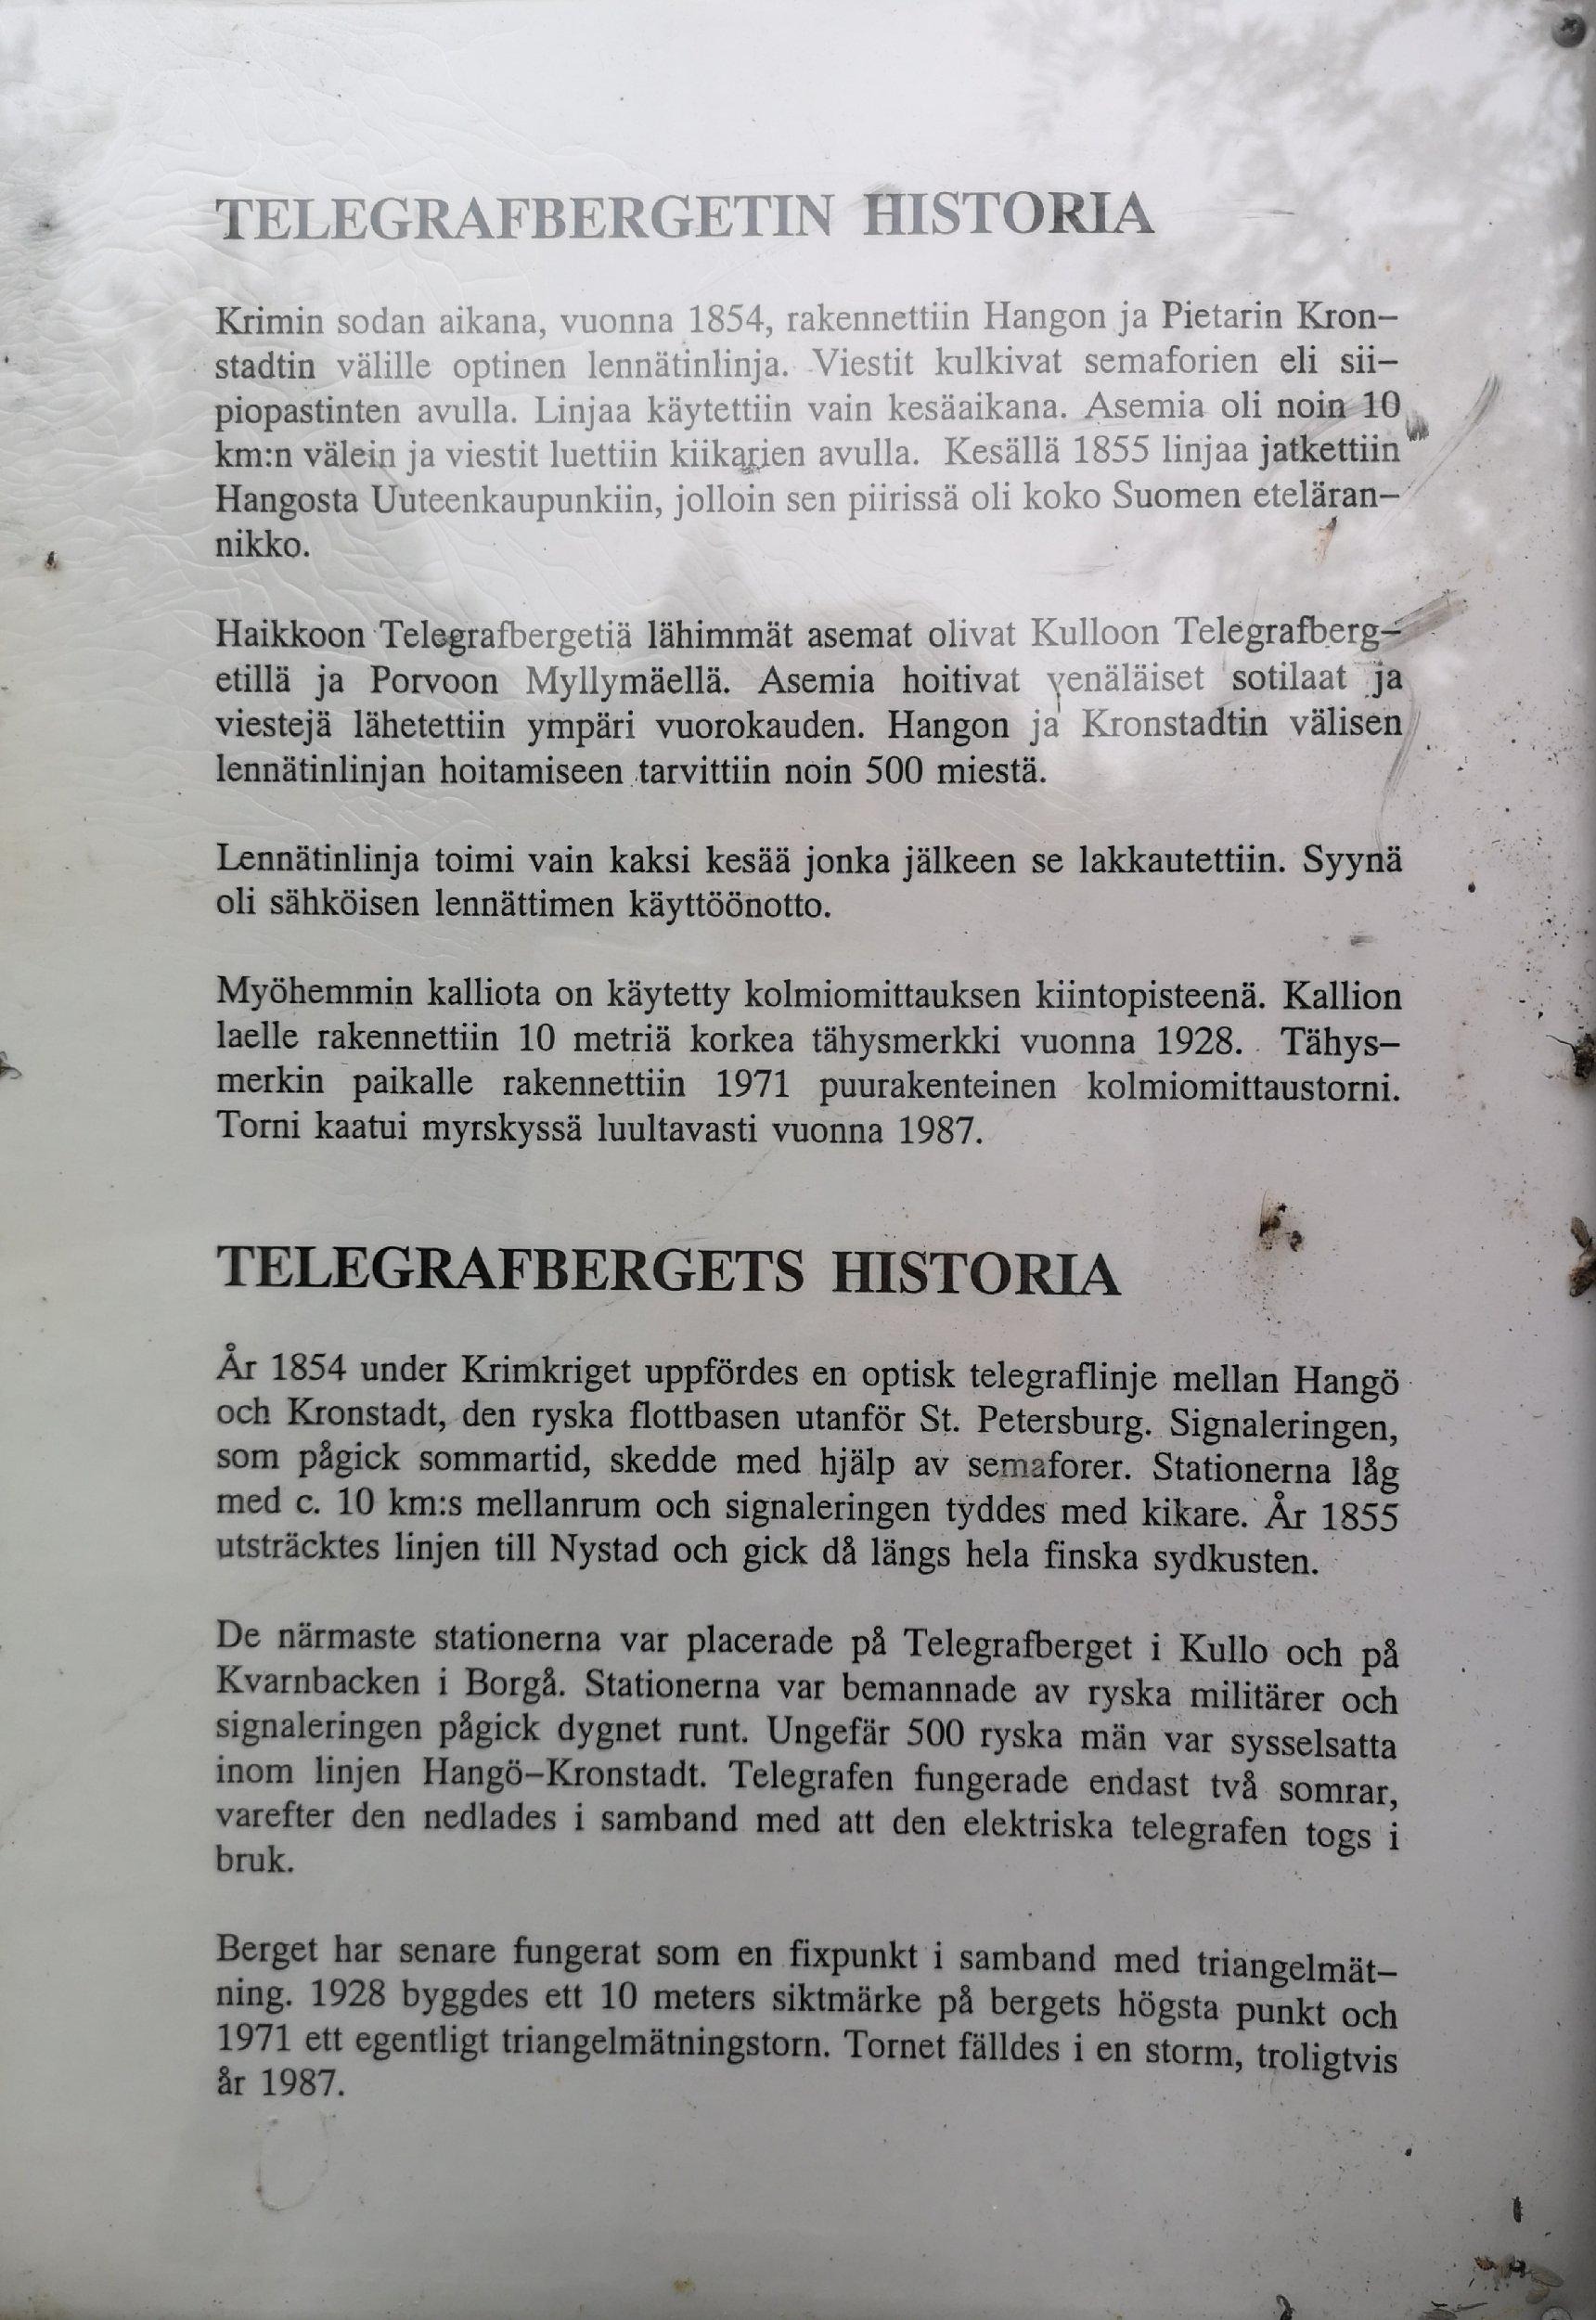 Miniloma Haikon kartanossa, osa 2, kylpylää ja maisemia